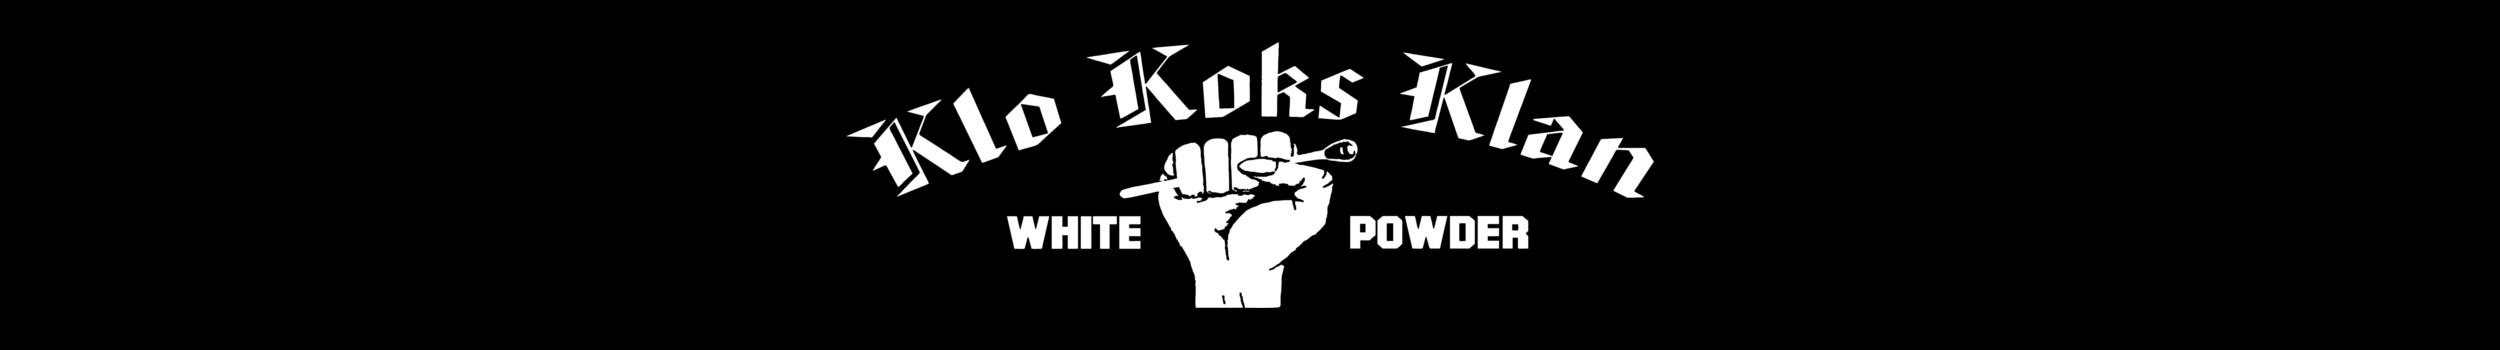 Klo Koks Klan